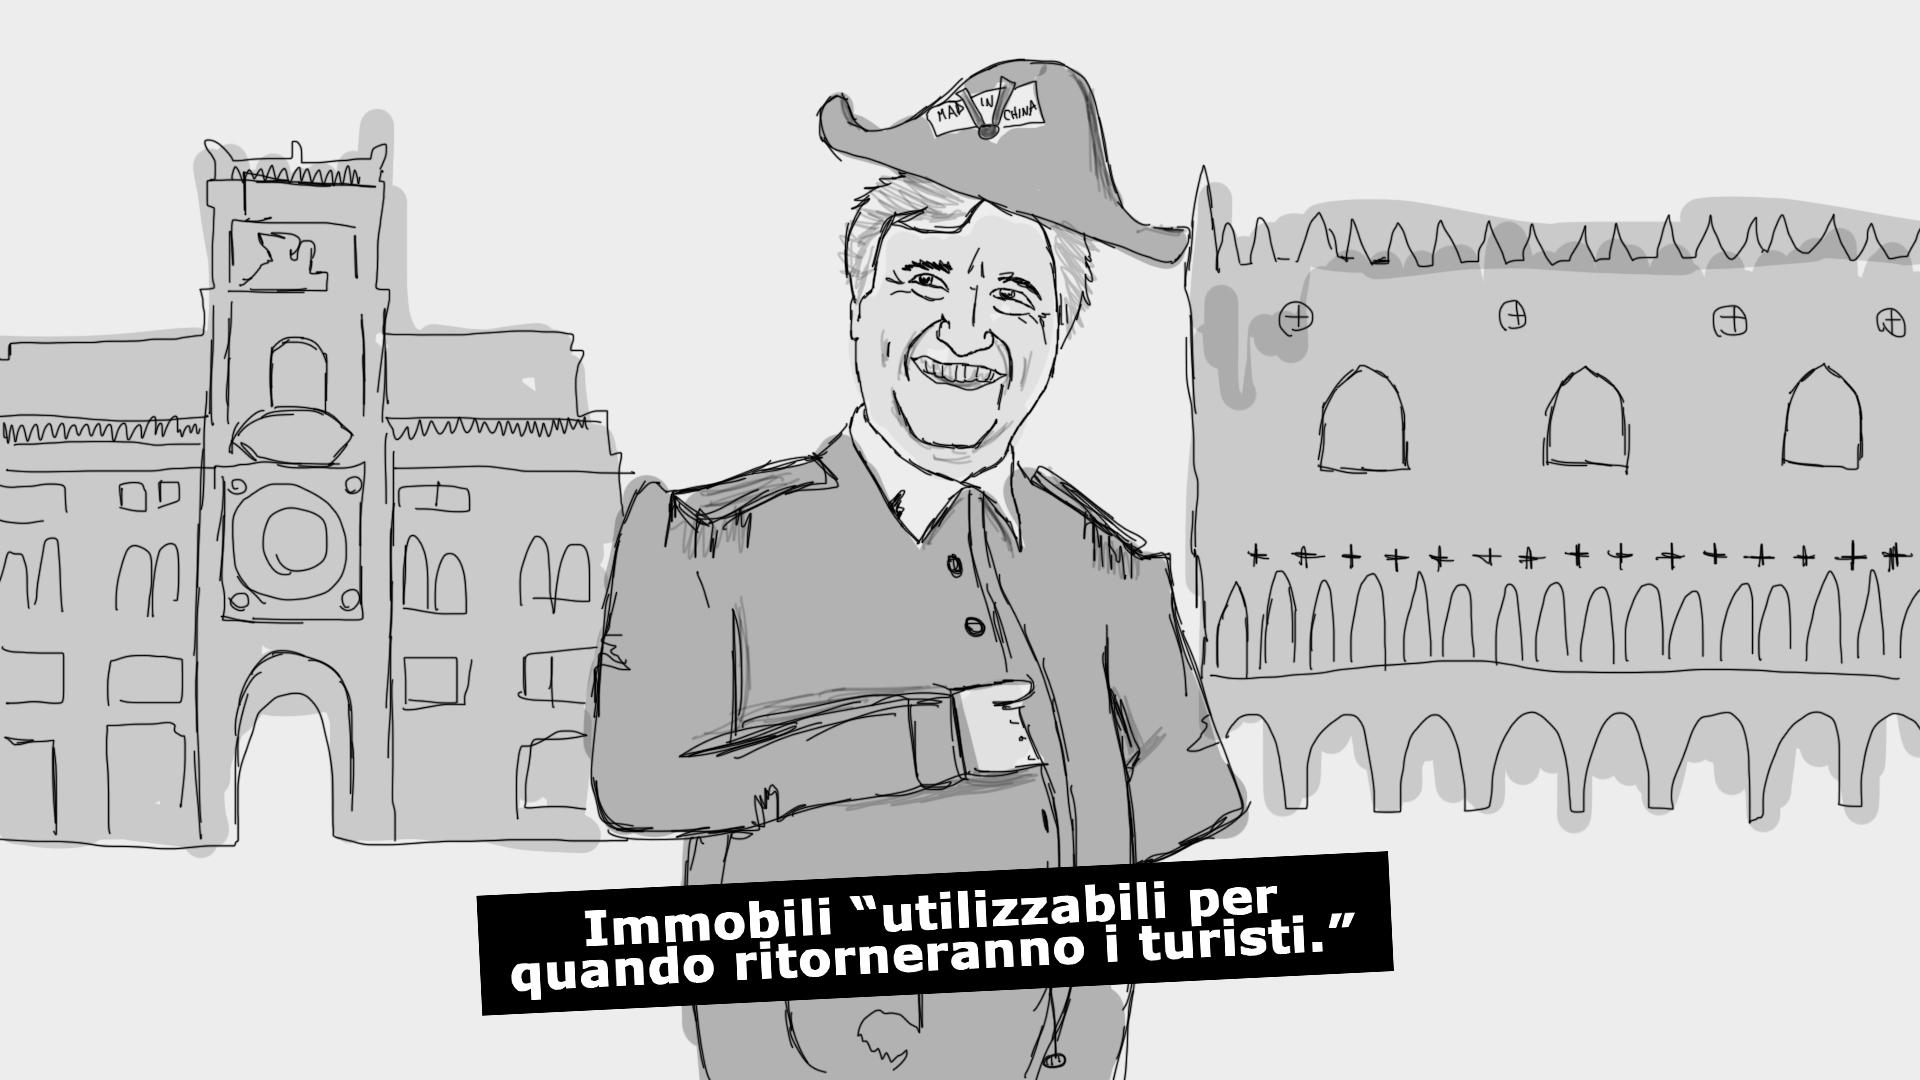 Blocco dei Musei Civici: da oggi Venezia non è più una civiltà